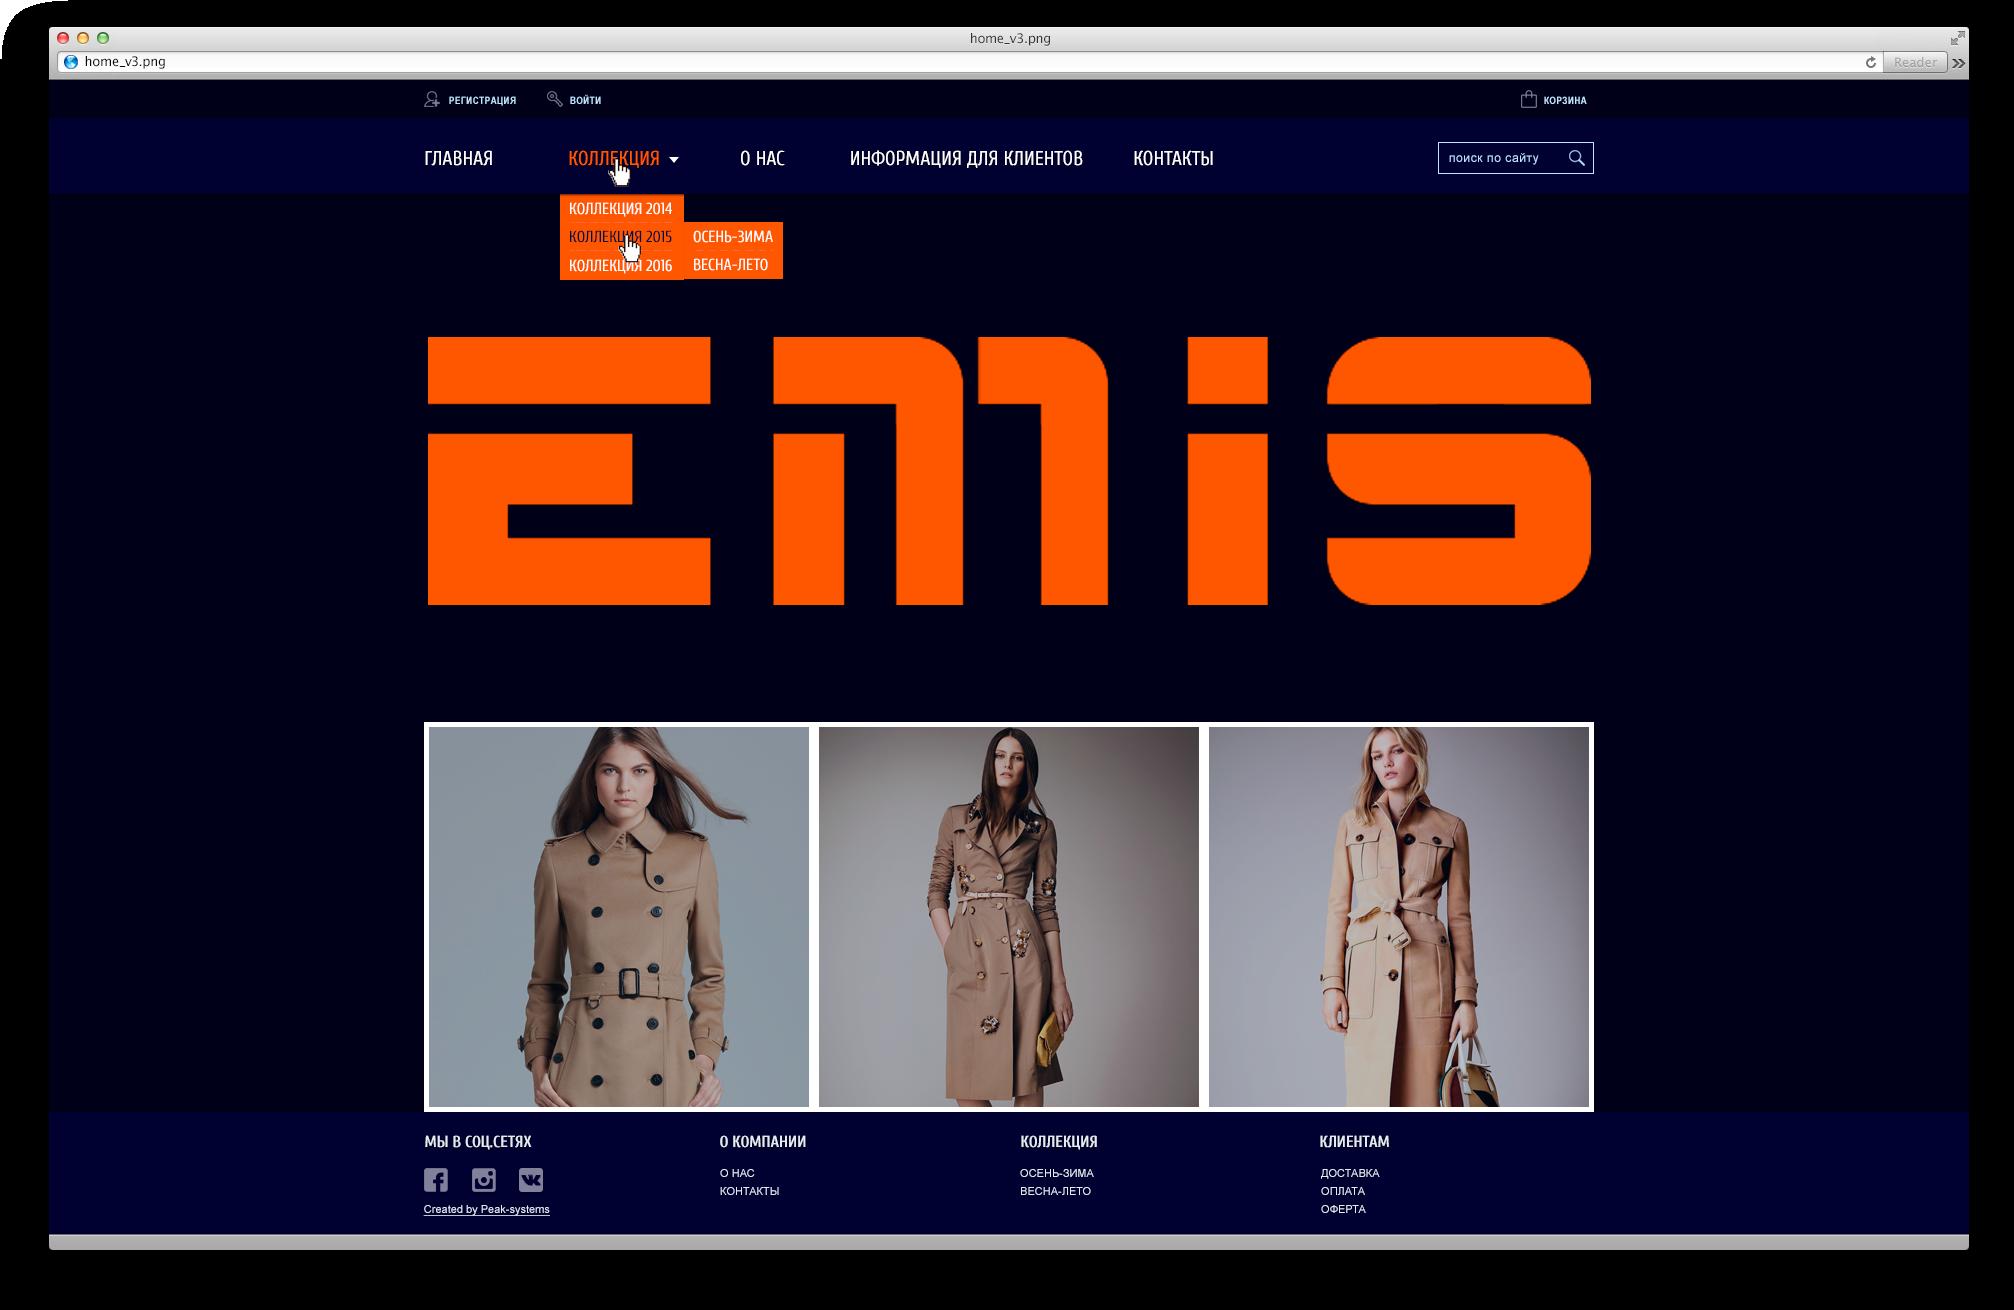 """Создание адаптивного интернет-магазина верхней одежды """"под ключ"""""""